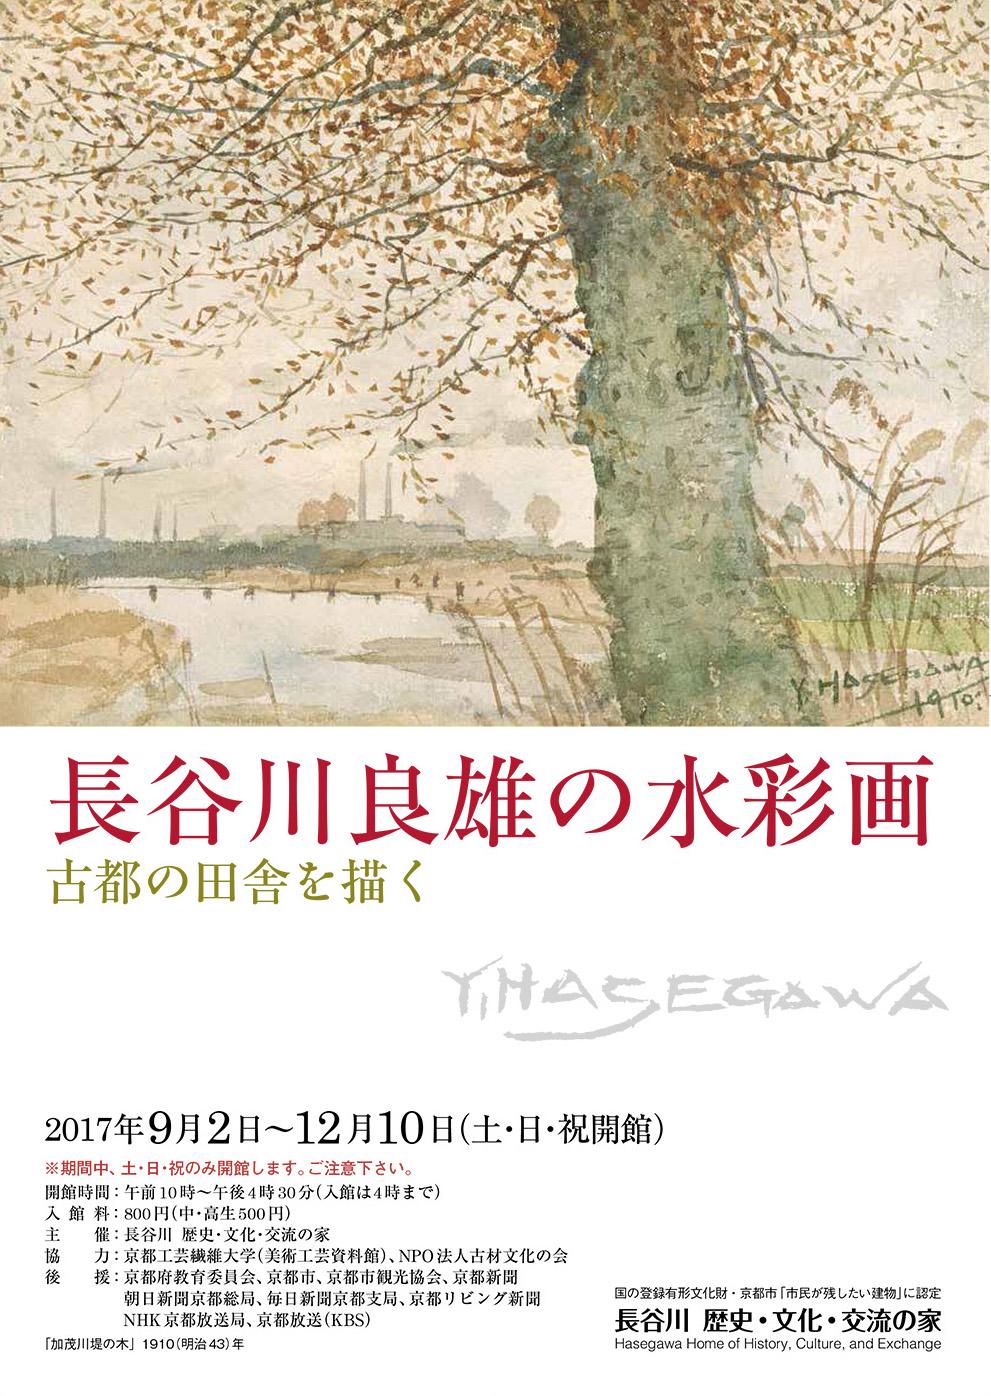 長谷川良雄と水彩画展チラシ